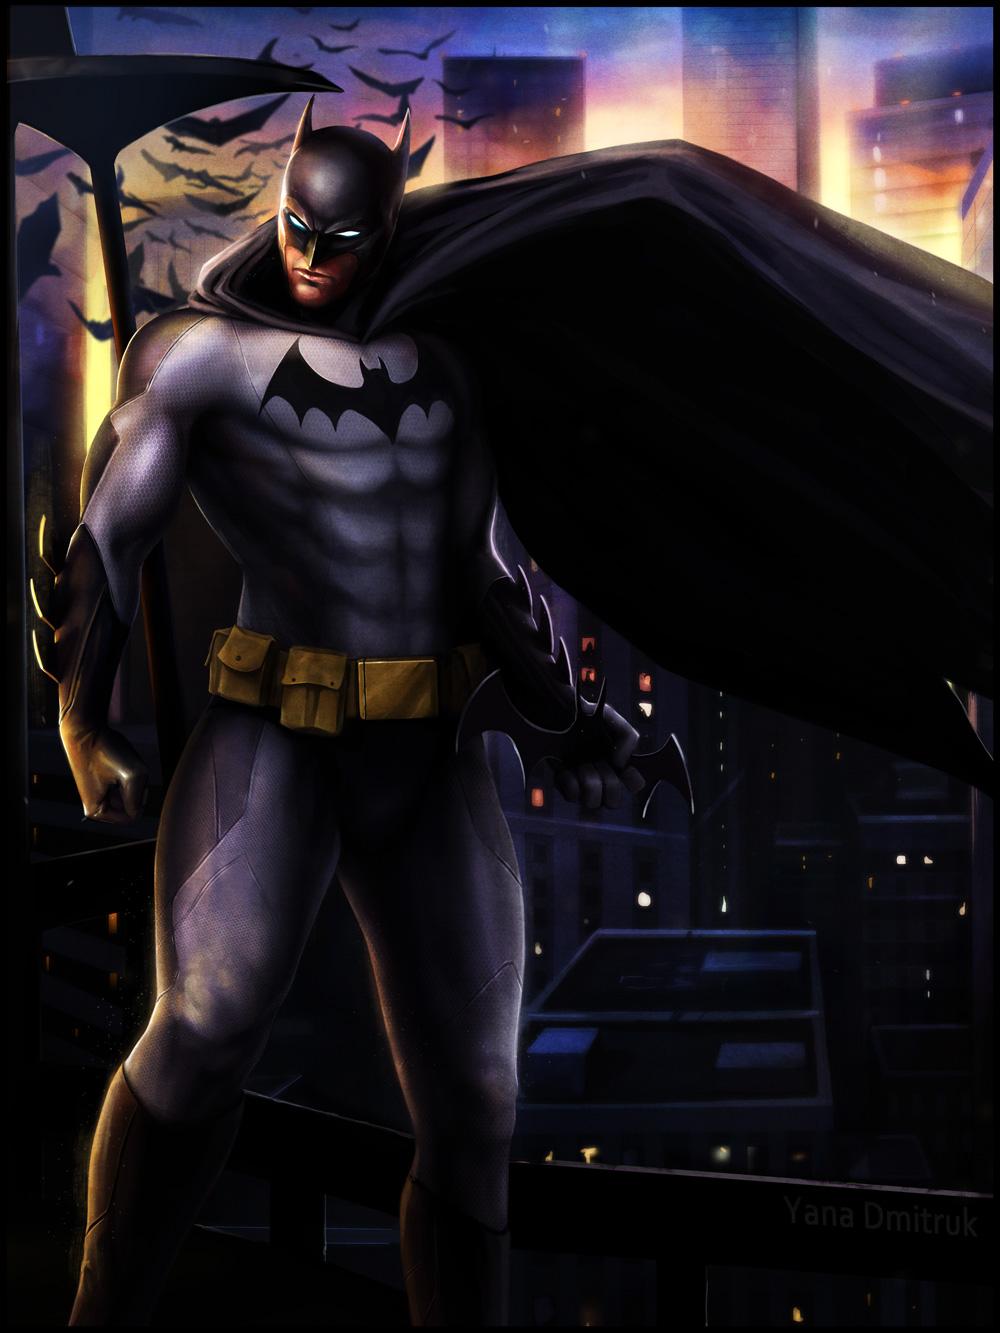 batman_by_corsare-d58n9hs.jpg - -